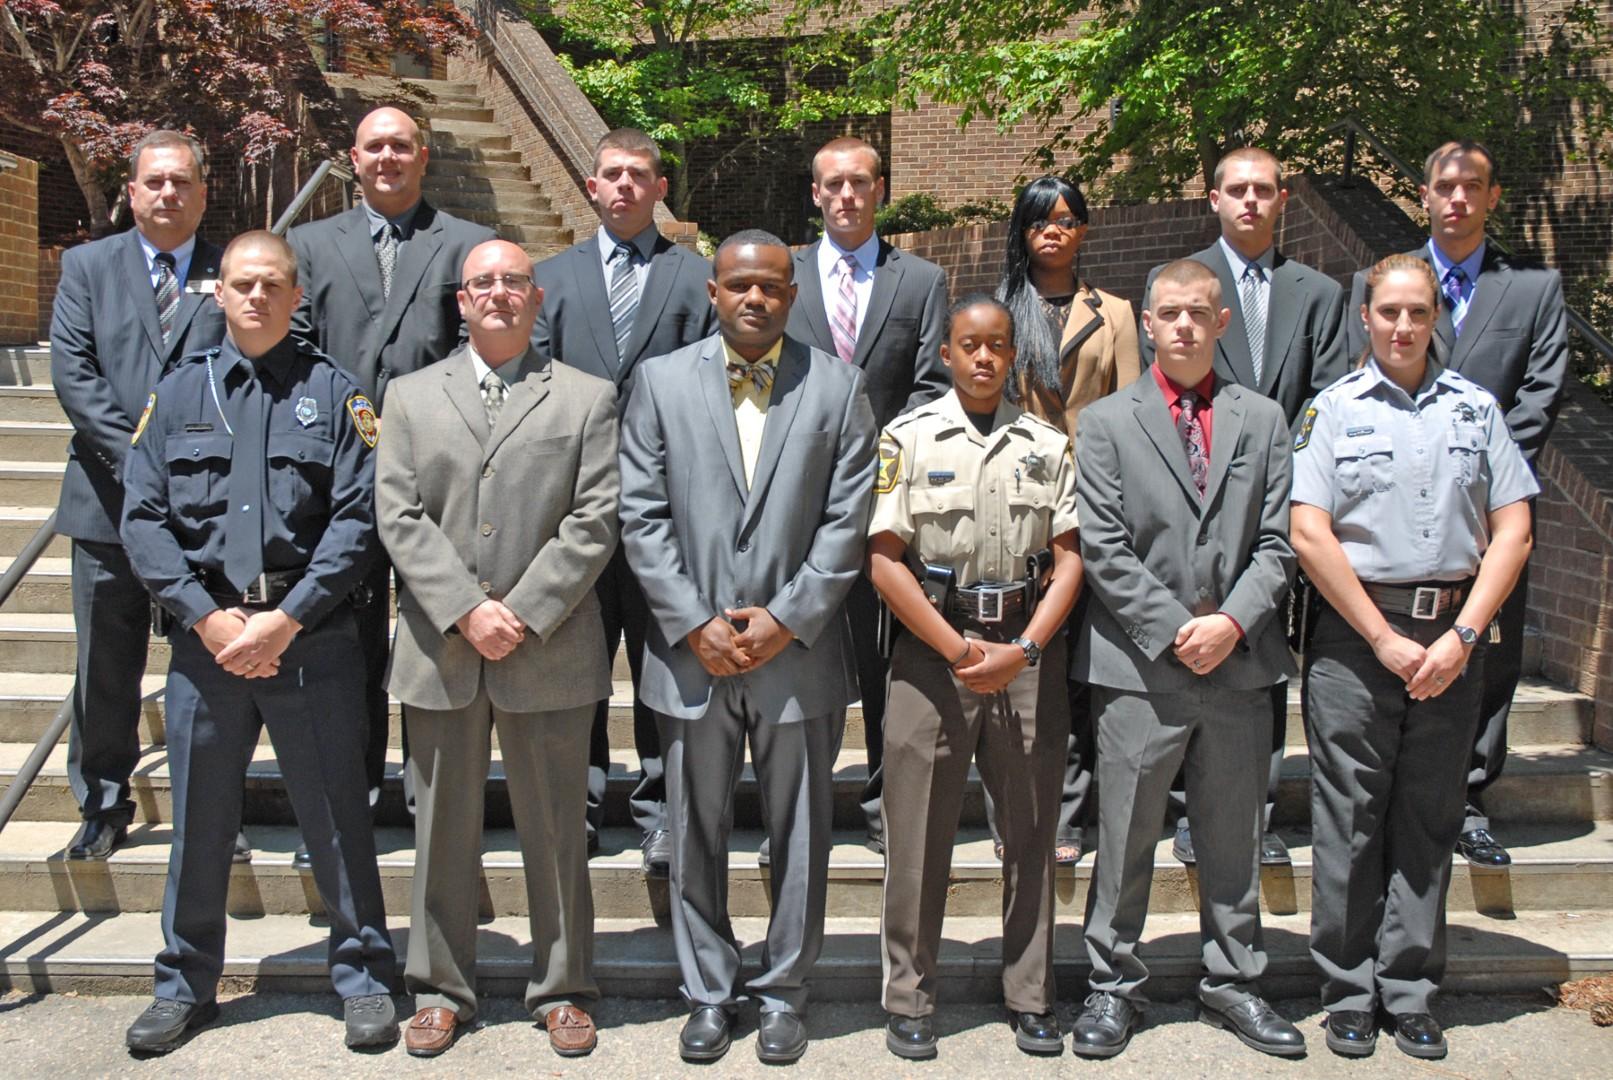 Vgcc Graduates 12 Law Enforcement Cadets In Schools 96th Blet Class